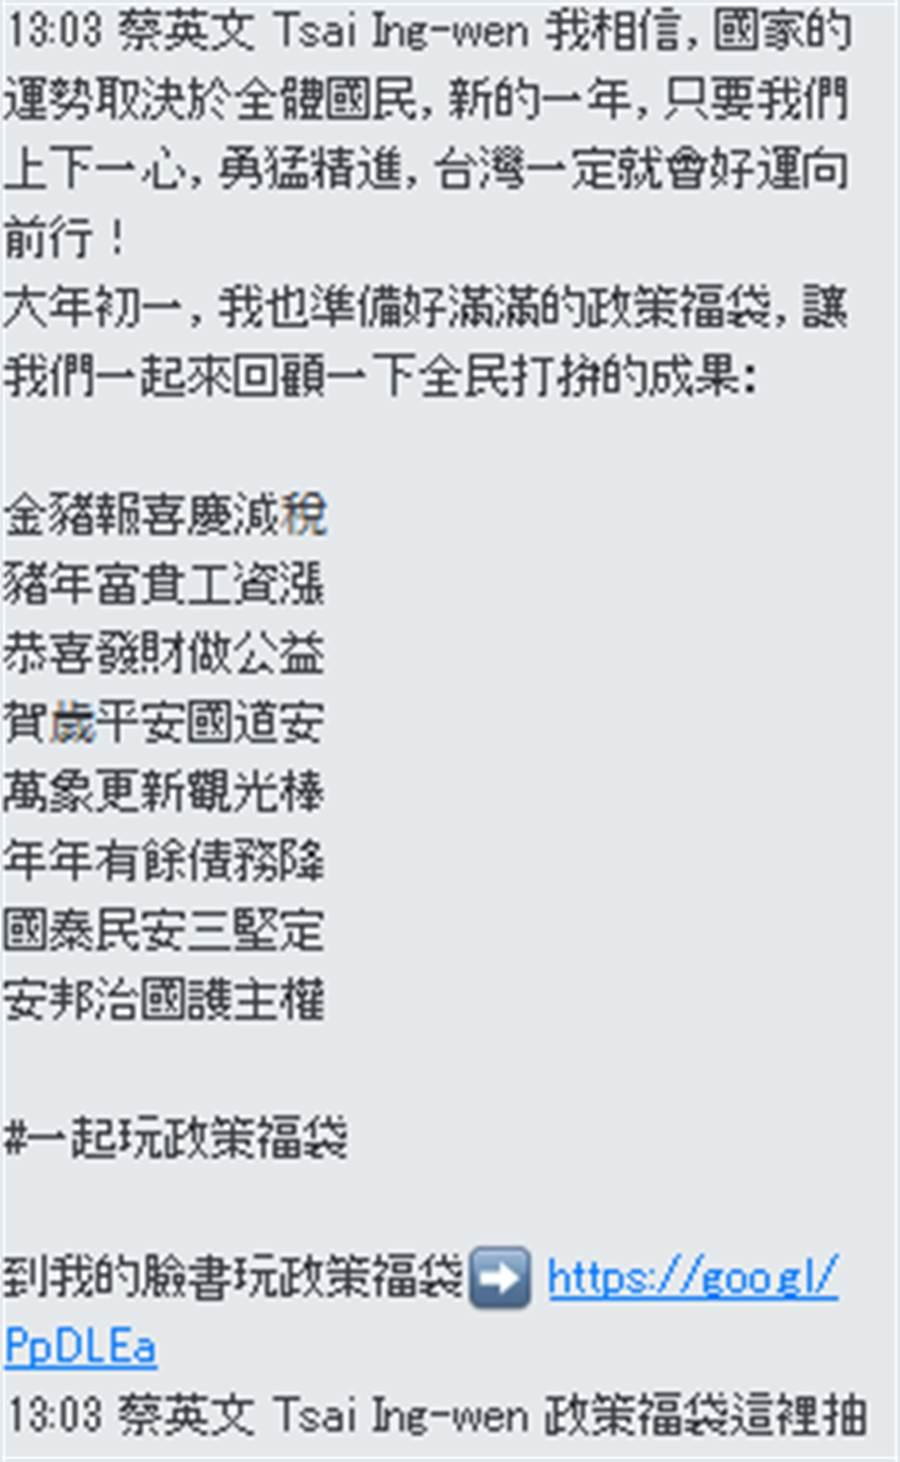 蔡英文向全體國民表示,「國家的運勢取決於全體國民,只要上下一心,台灣一定就會好運向前行」!(圖片翻拍自網頁)